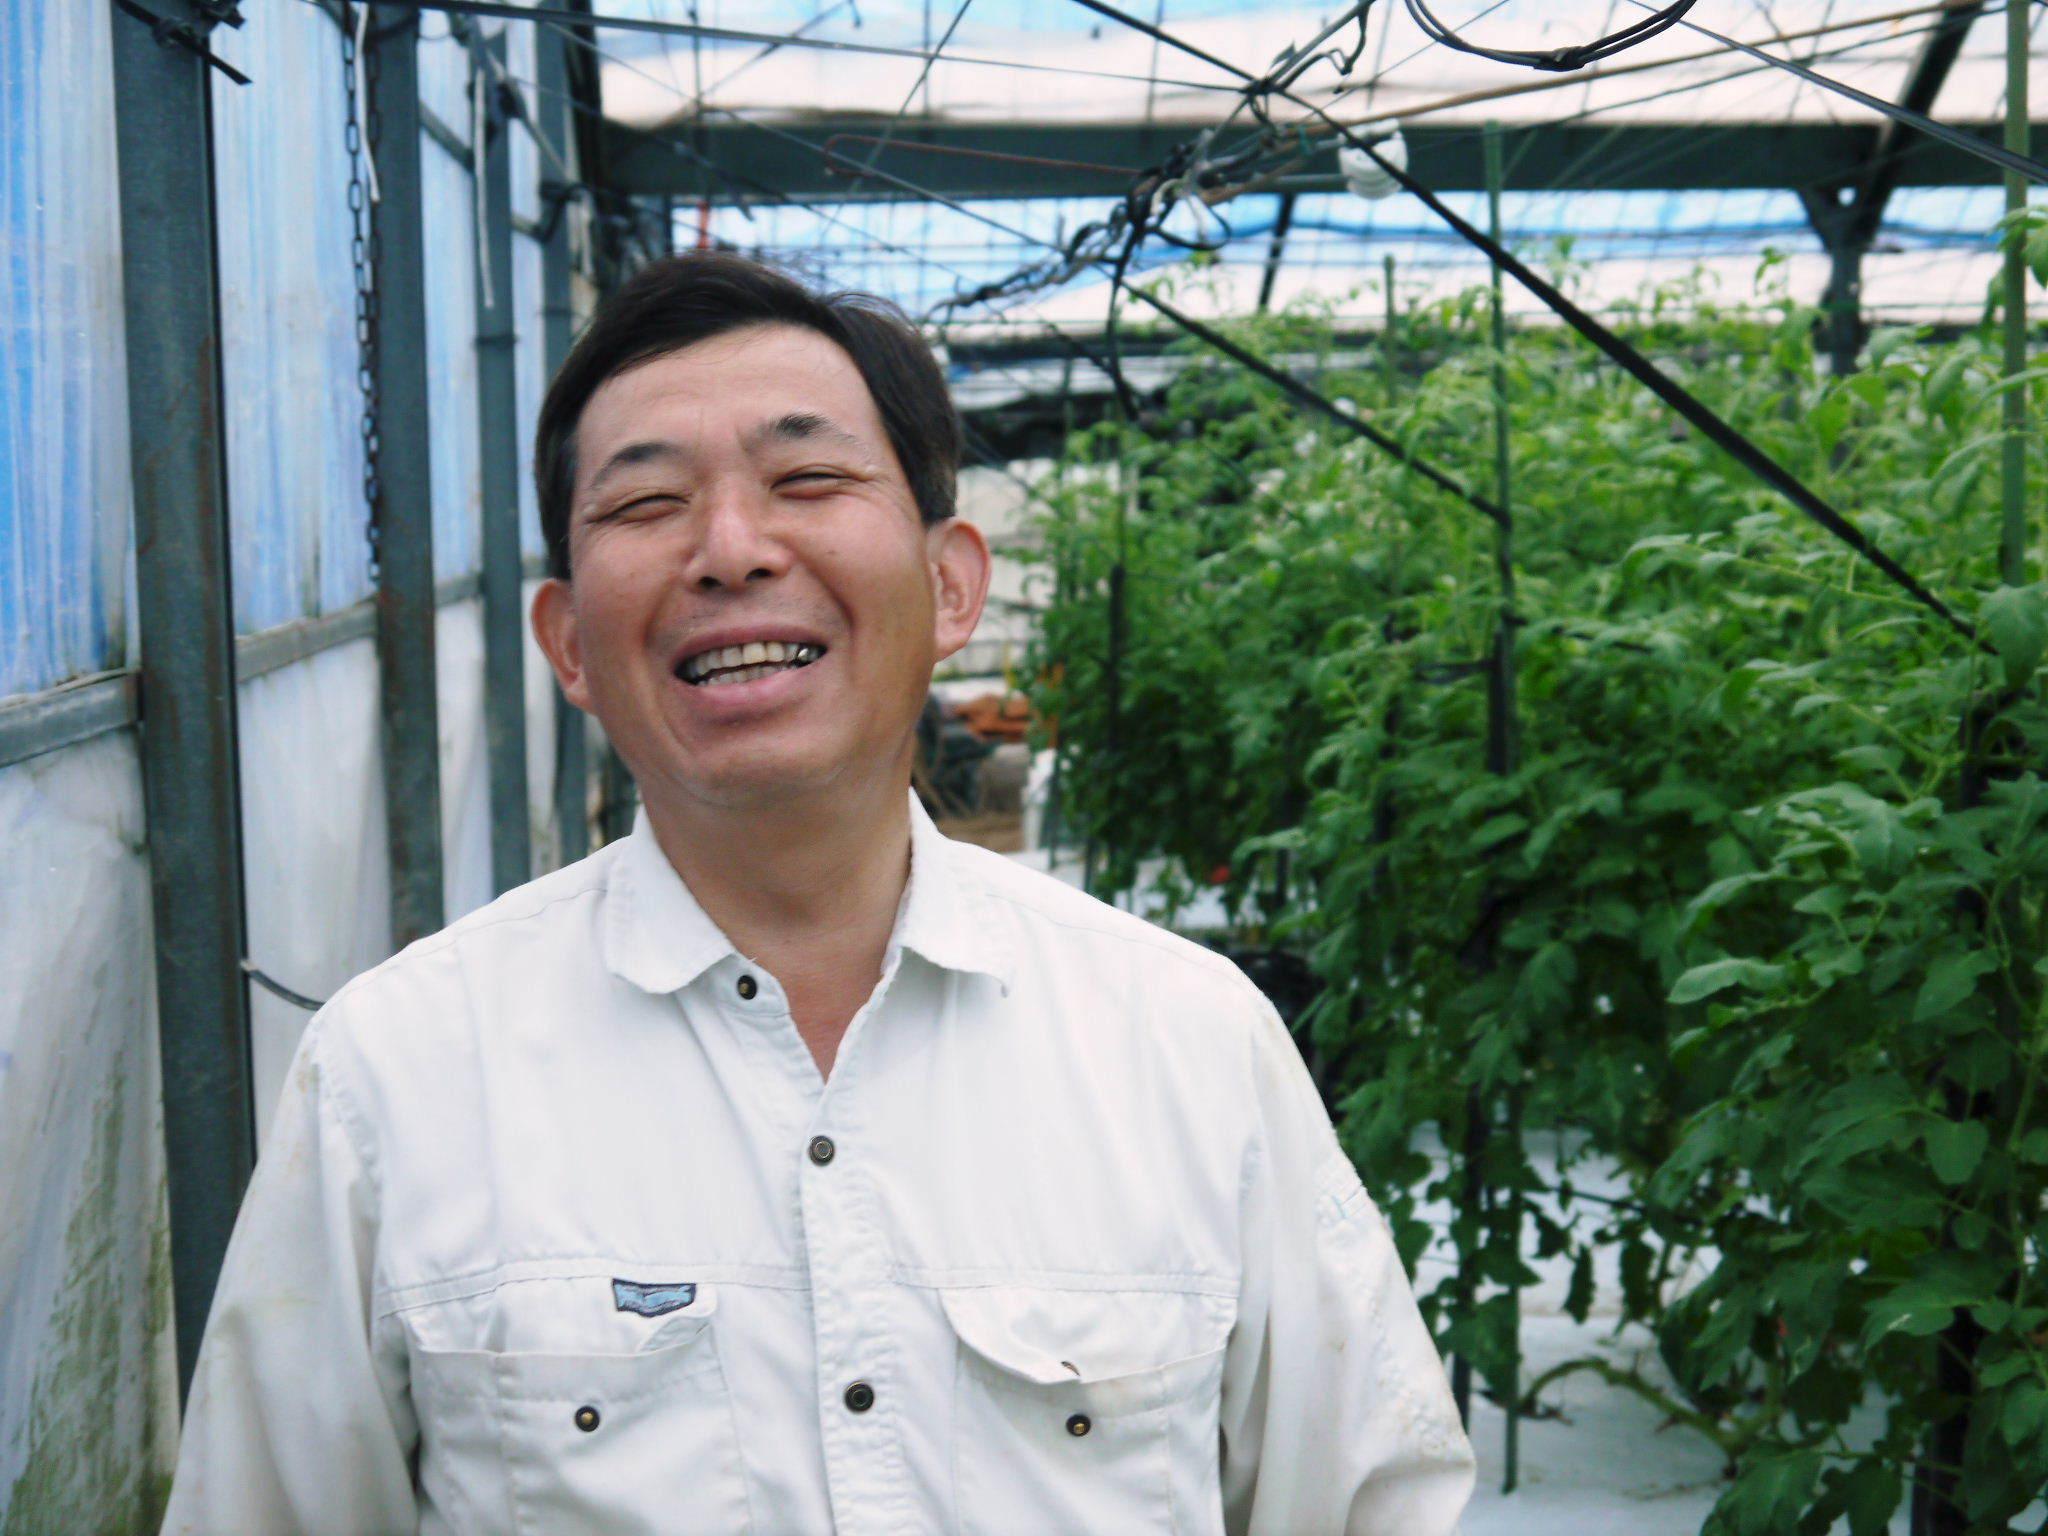 樹上完熟の朝採りトマト 最旬食材!大好評販売中!朝採り収穫の様子を現地取材!_a0254656_19060305.jpg